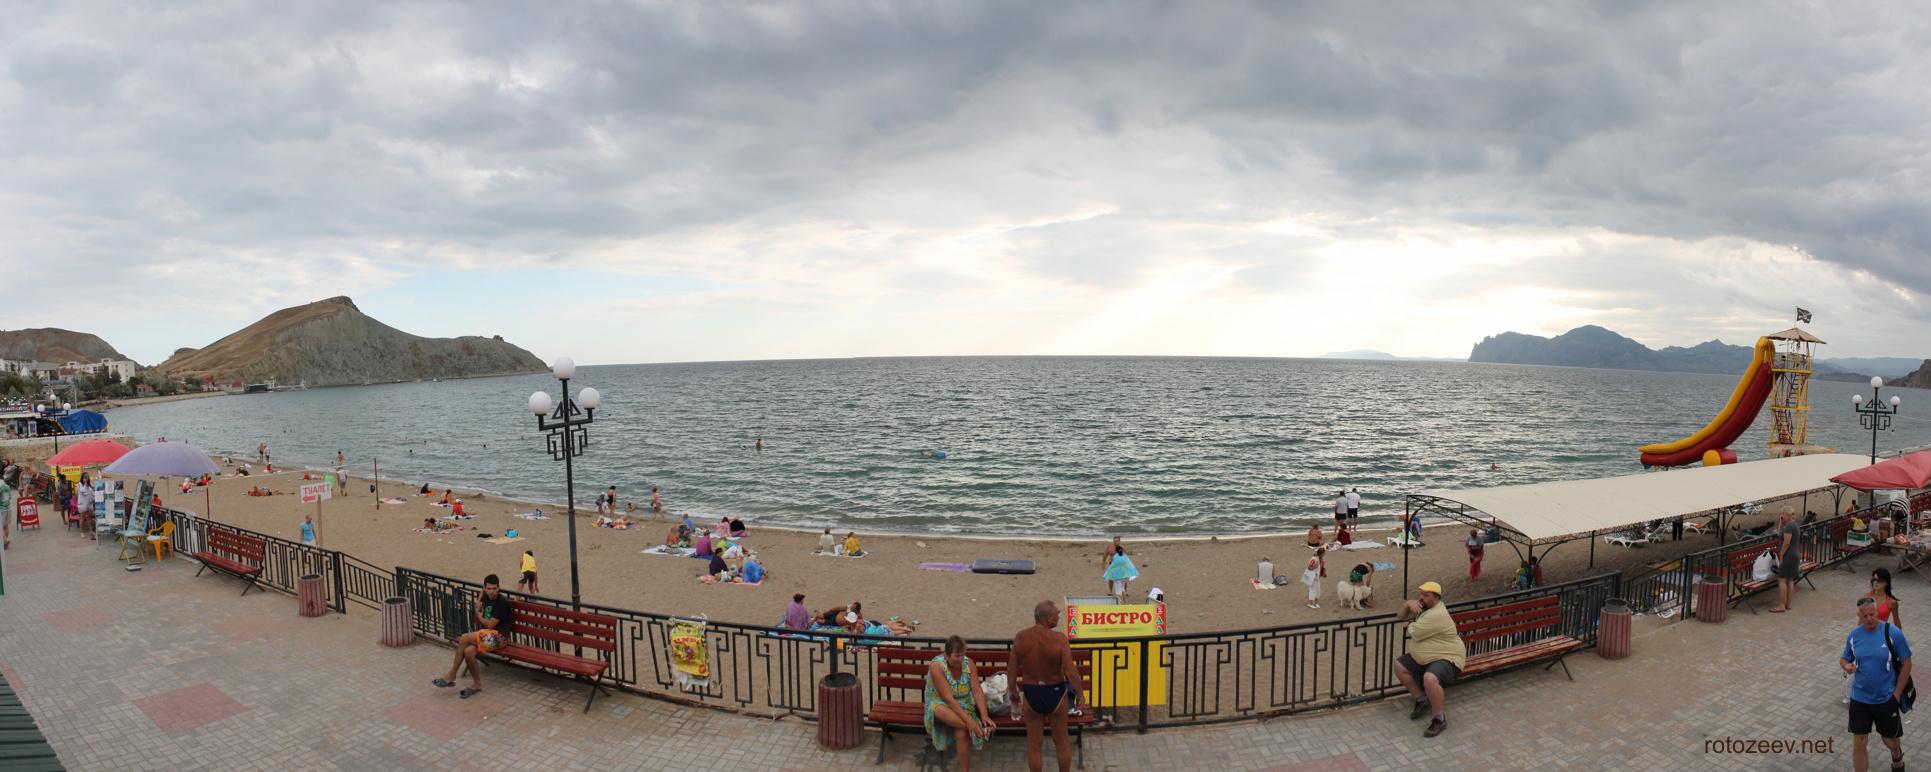 Пляж орджоникидзе крым фото и отзывы